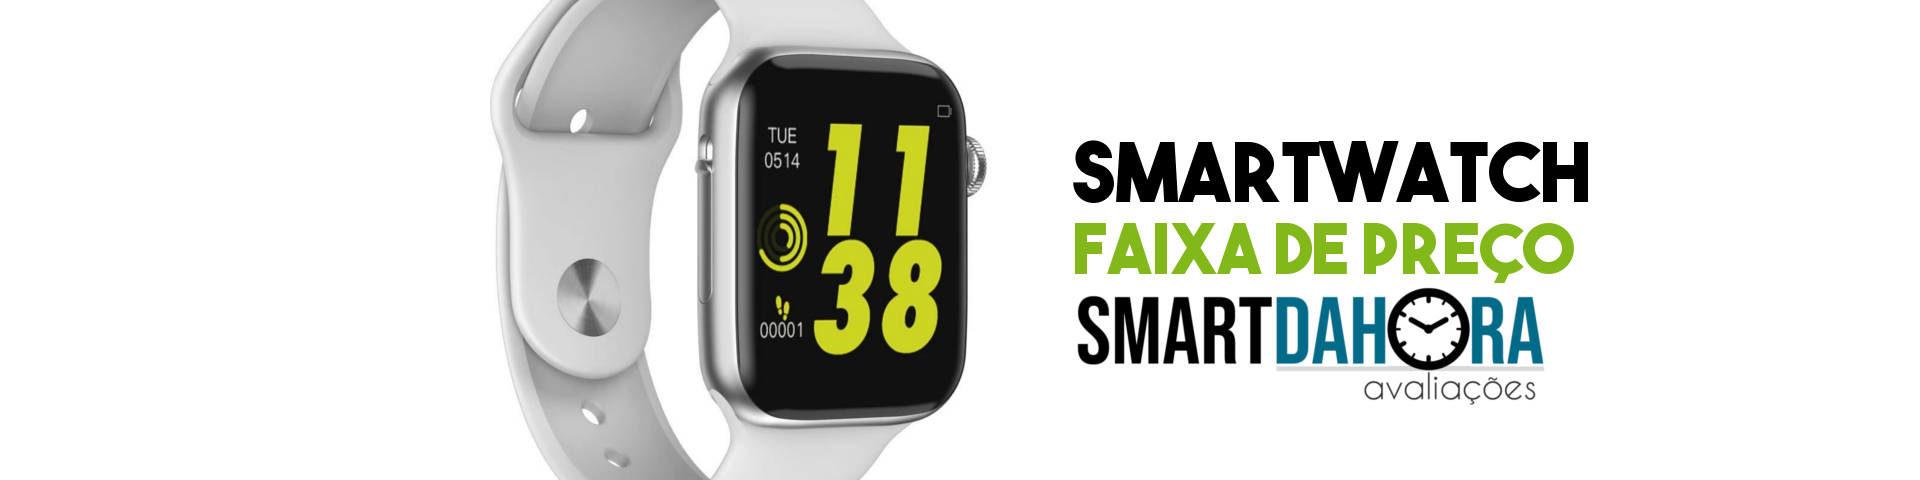 smartwatch por faixa de preço